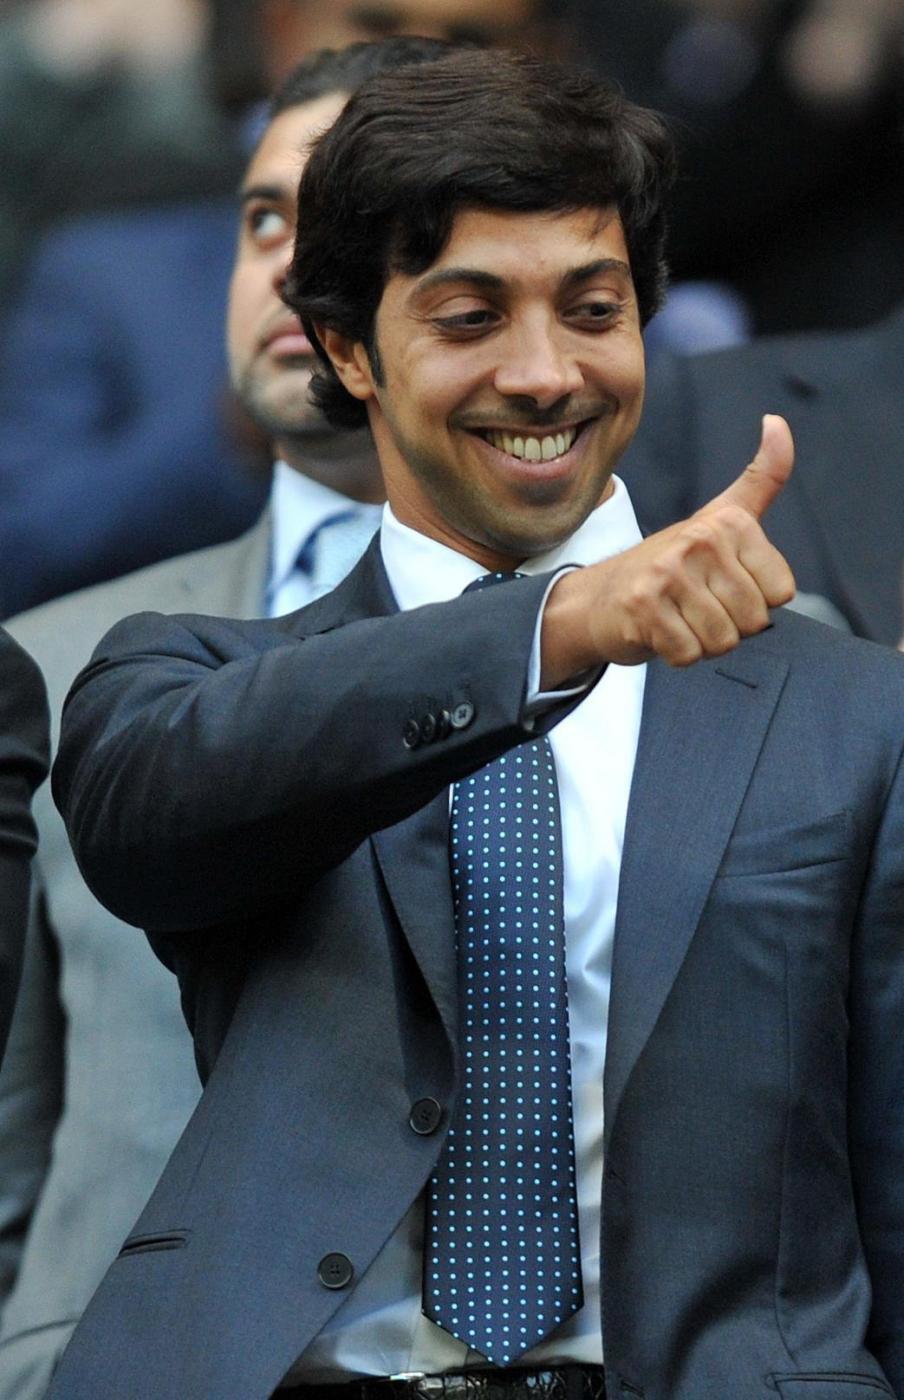 2 Sheikh Mansour - Proprietario del Manchester City, ha un patrimonio di 17 miliardi di sterline